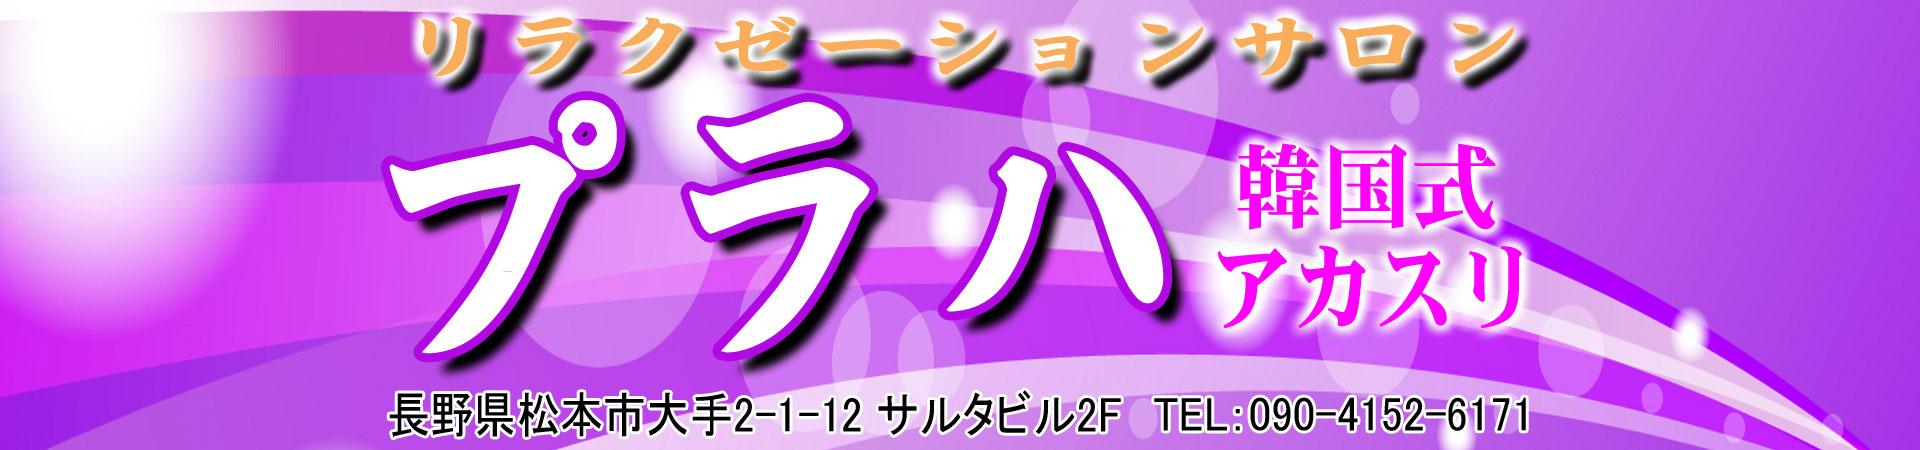 非公開: 【プラハ】松本/長野